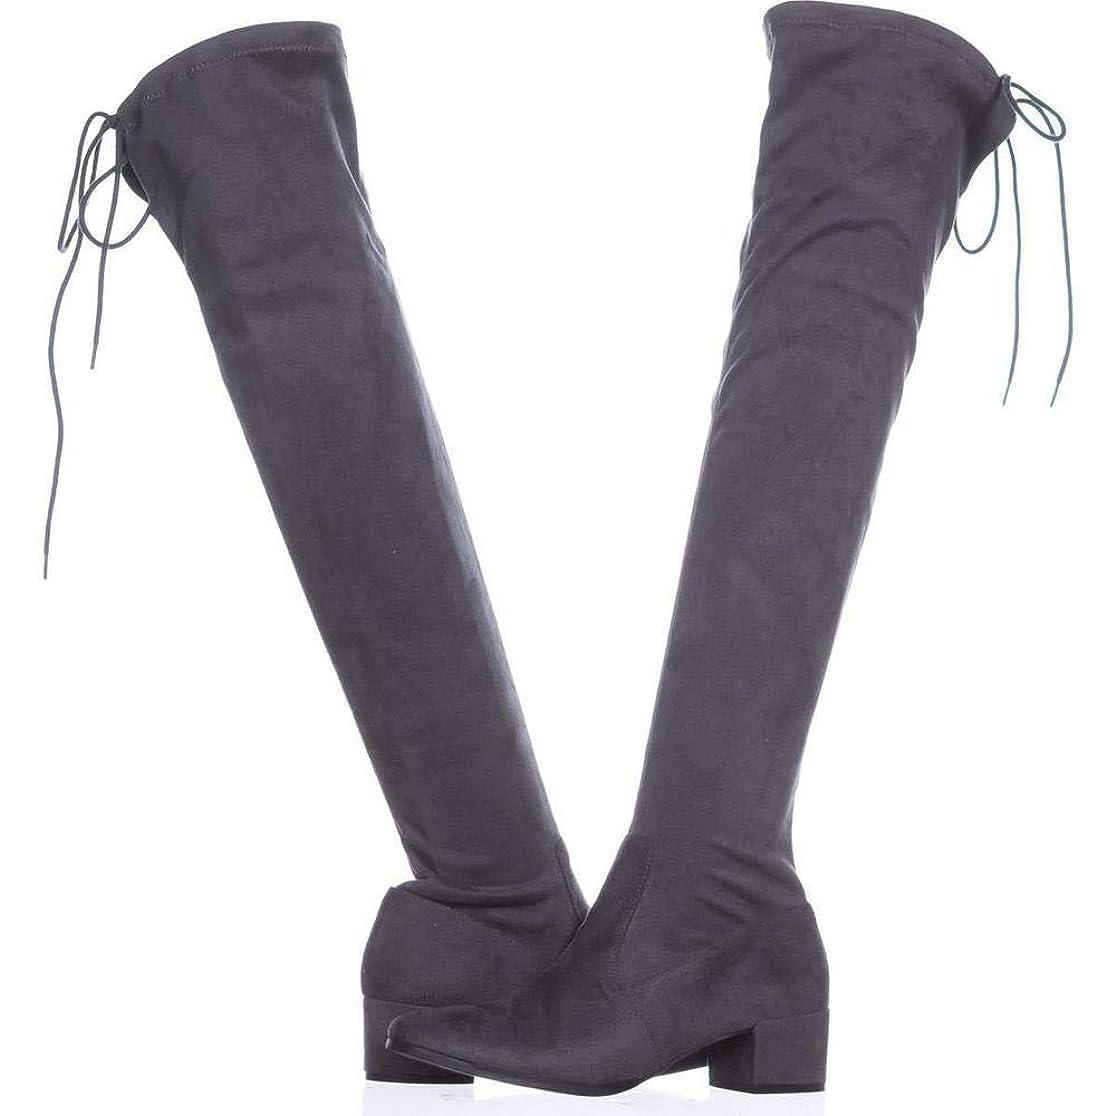 ビジュアルはさみリンク[チャイニーズランドリー] Womens Mystical Suede Almond Toe Knee High Fashion Boots [並行輸入品]